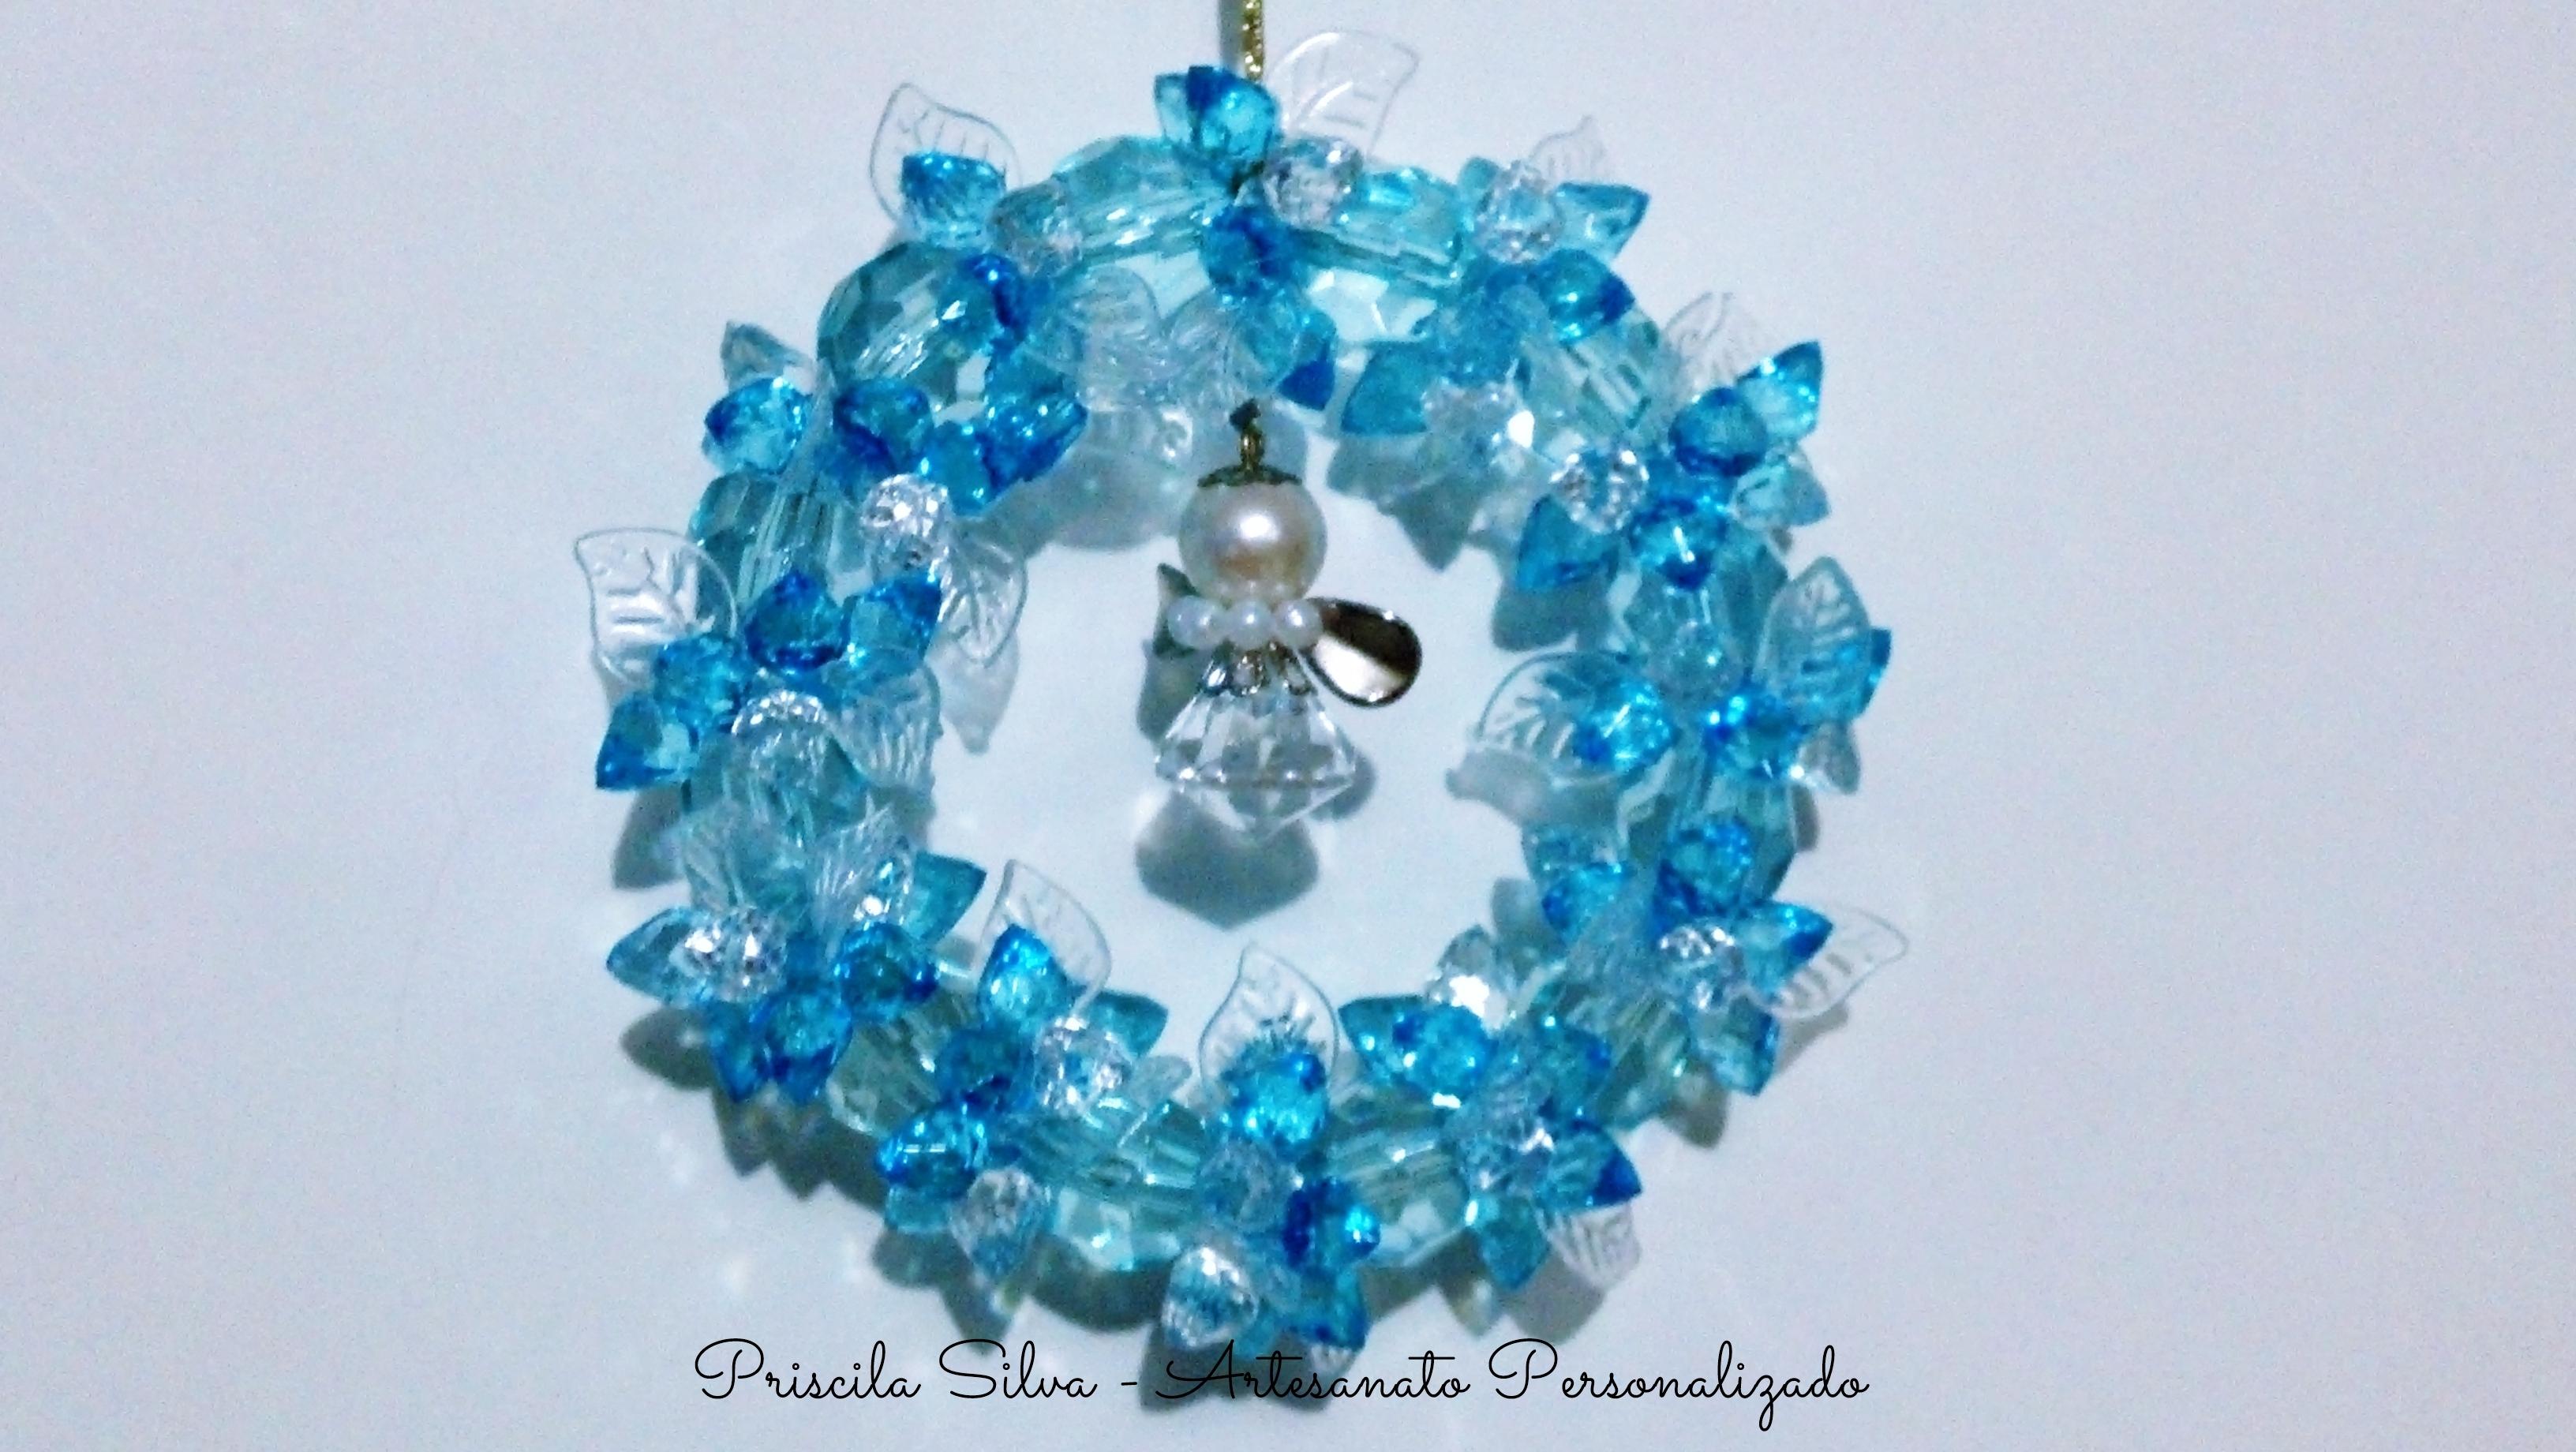 decoracao arvore de natal azul:Mini Guirlanda para Árvore de Natal Azul